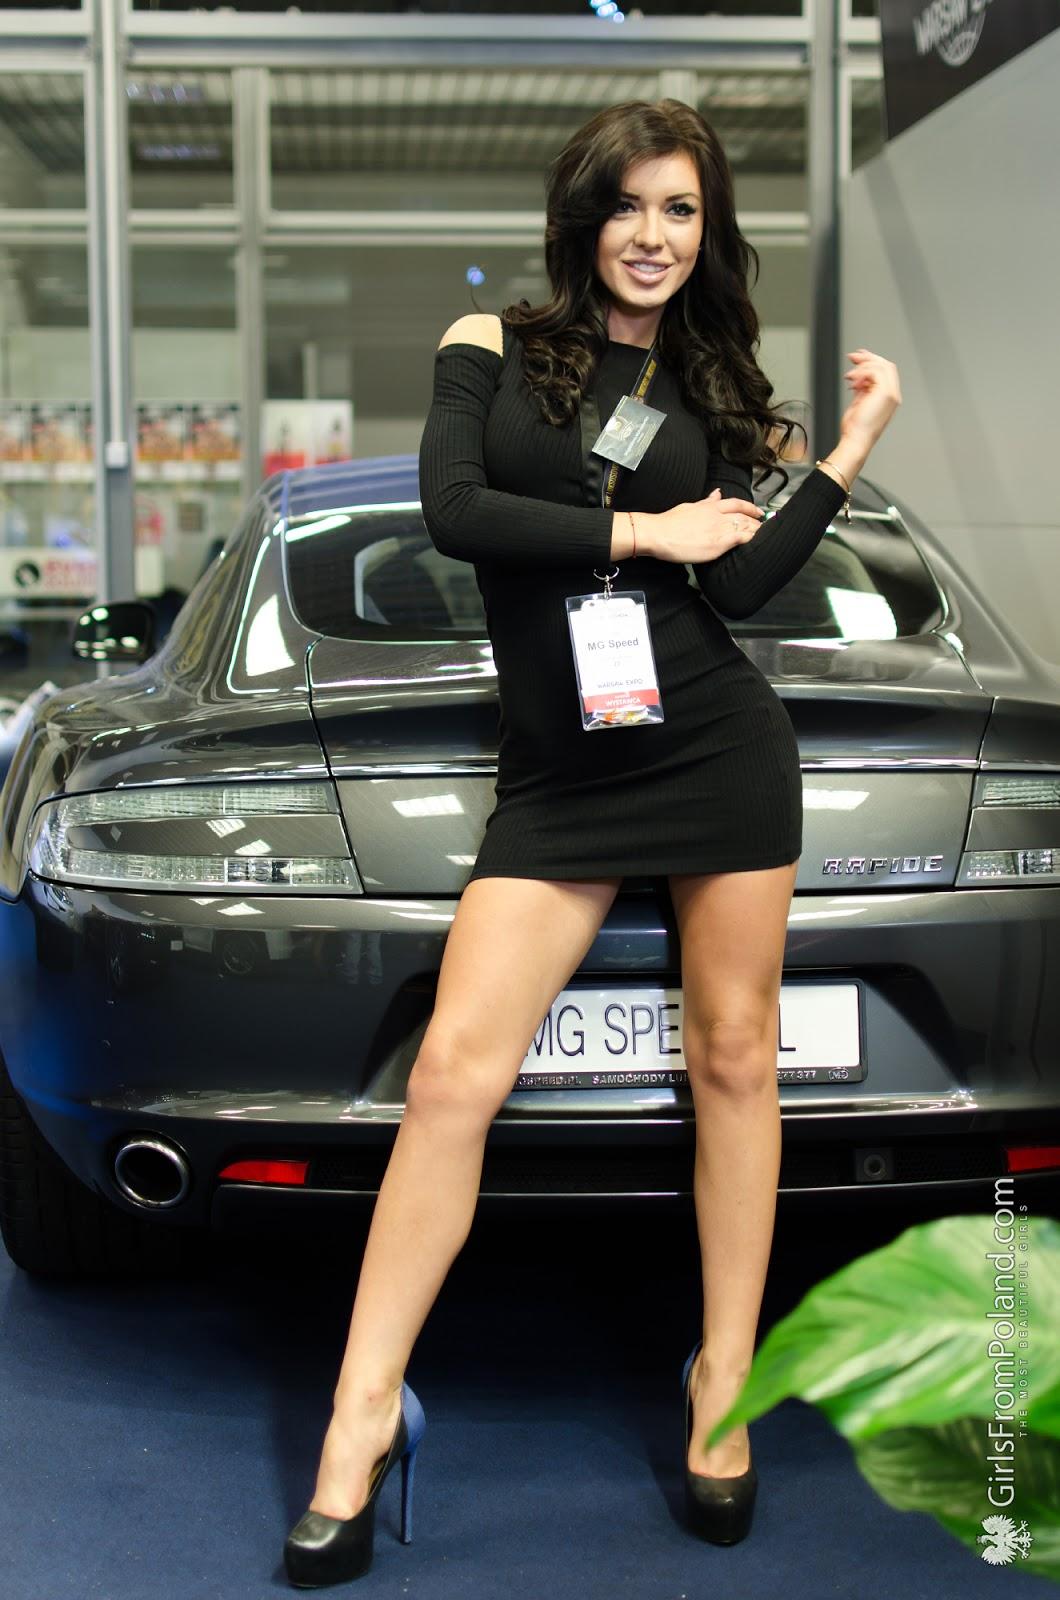 Warsaw Motoshow 2015 MG Speed  Zdjęcie 30